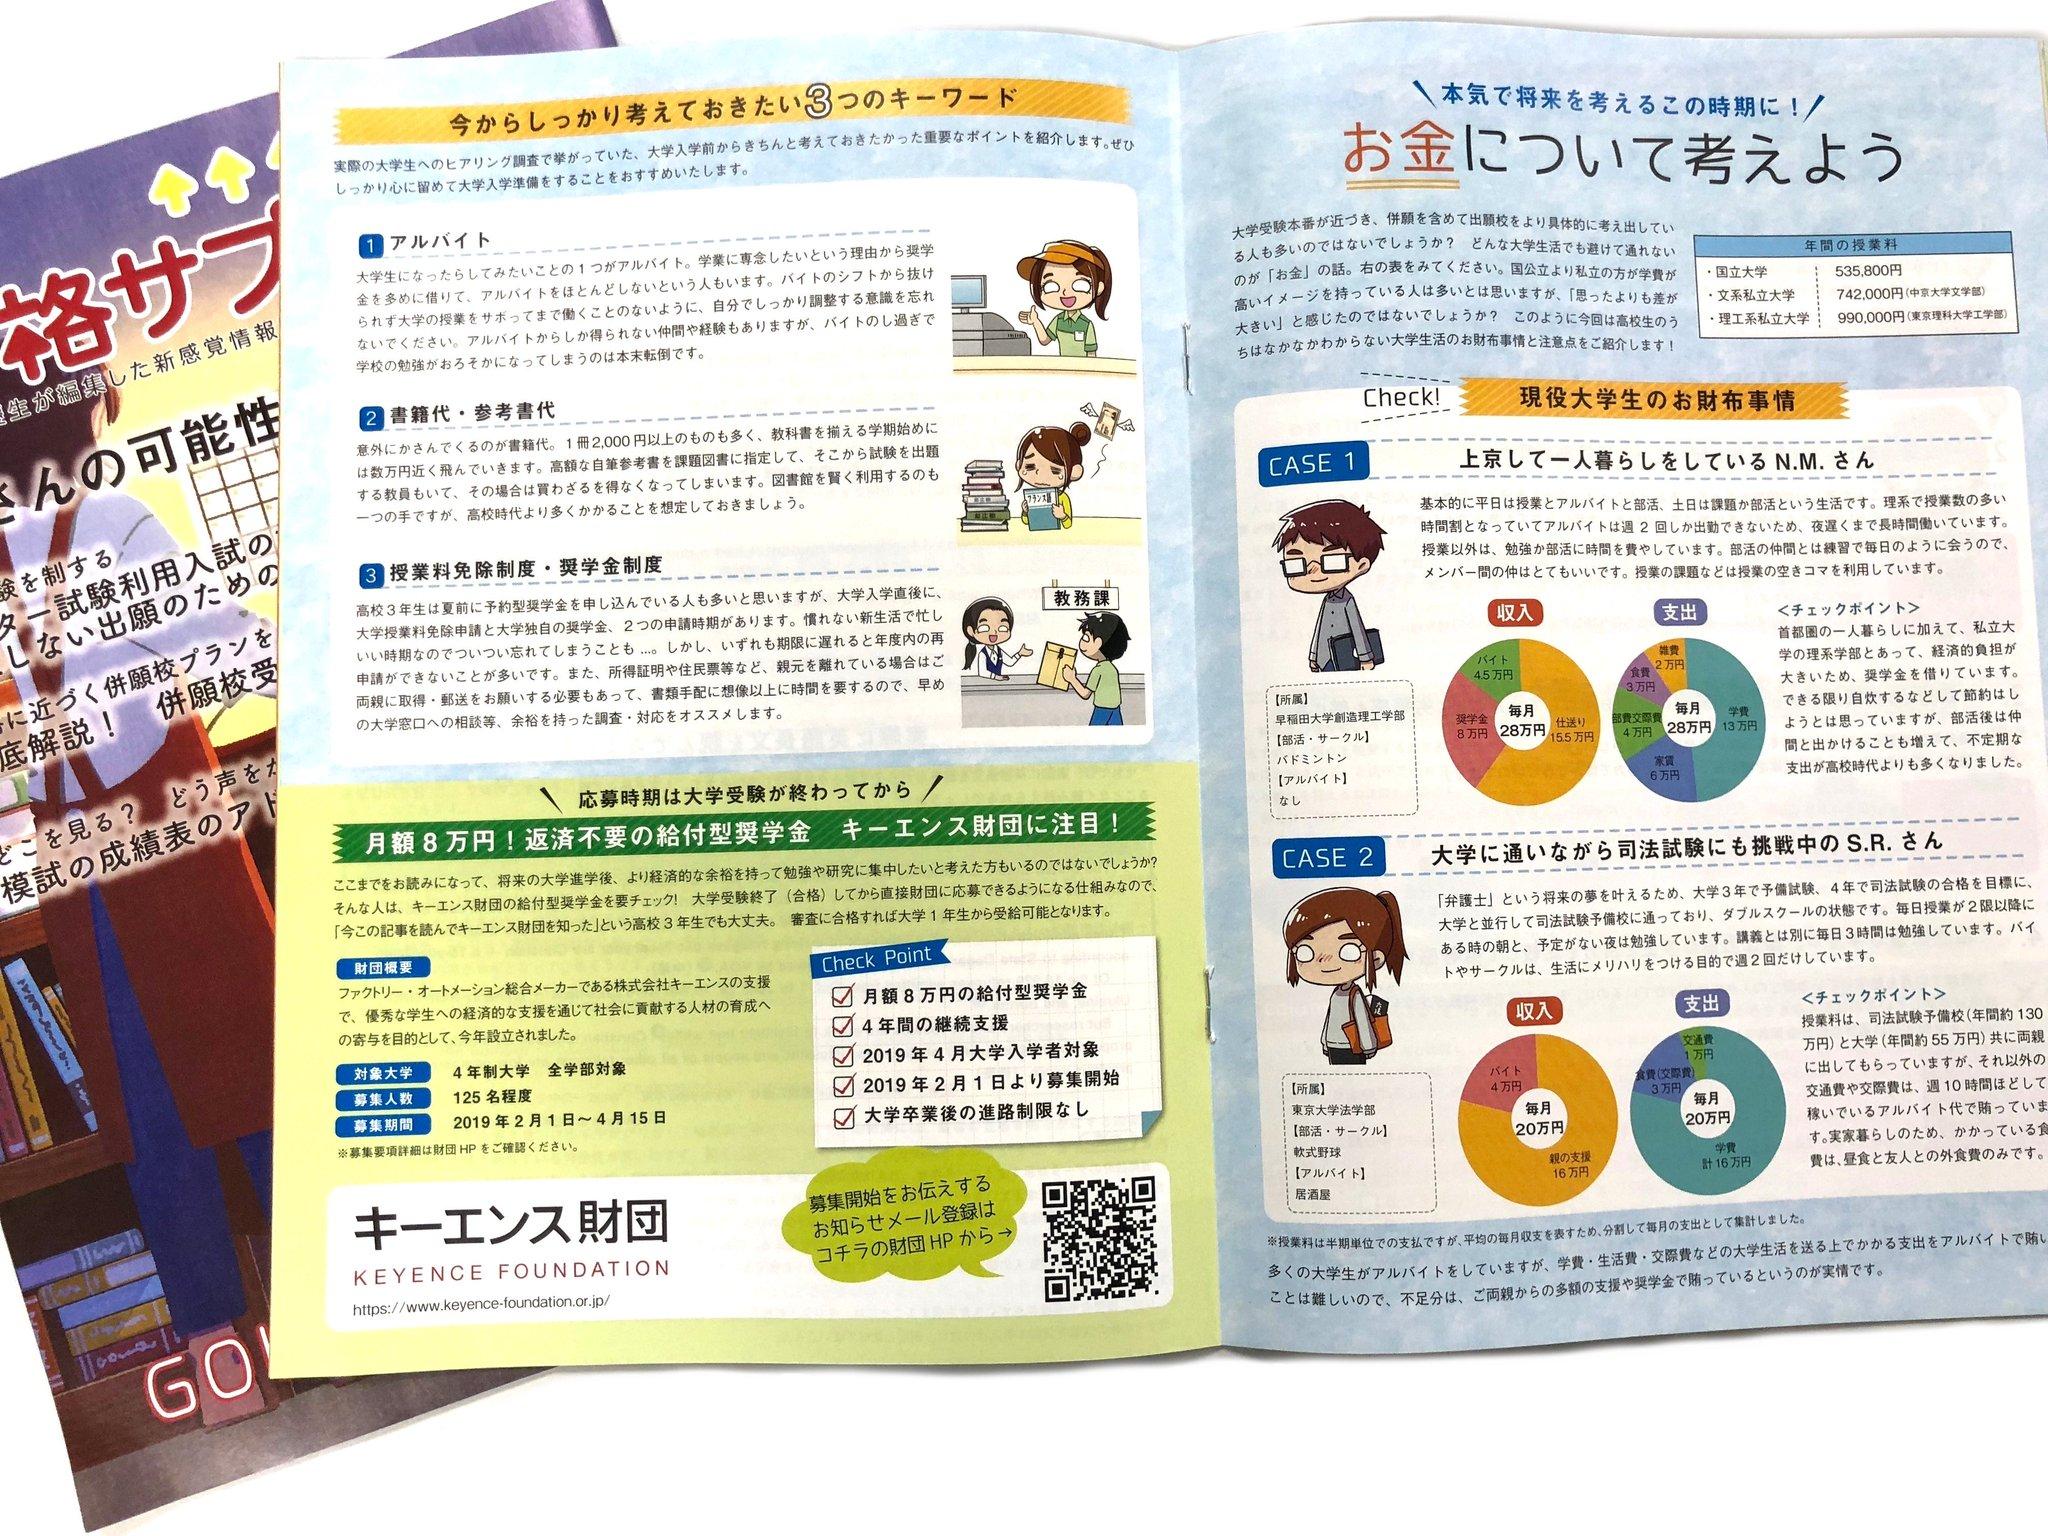 金 キーエンス 倍率 奨学 キーエンス財団 がんばれ!日本の大学生